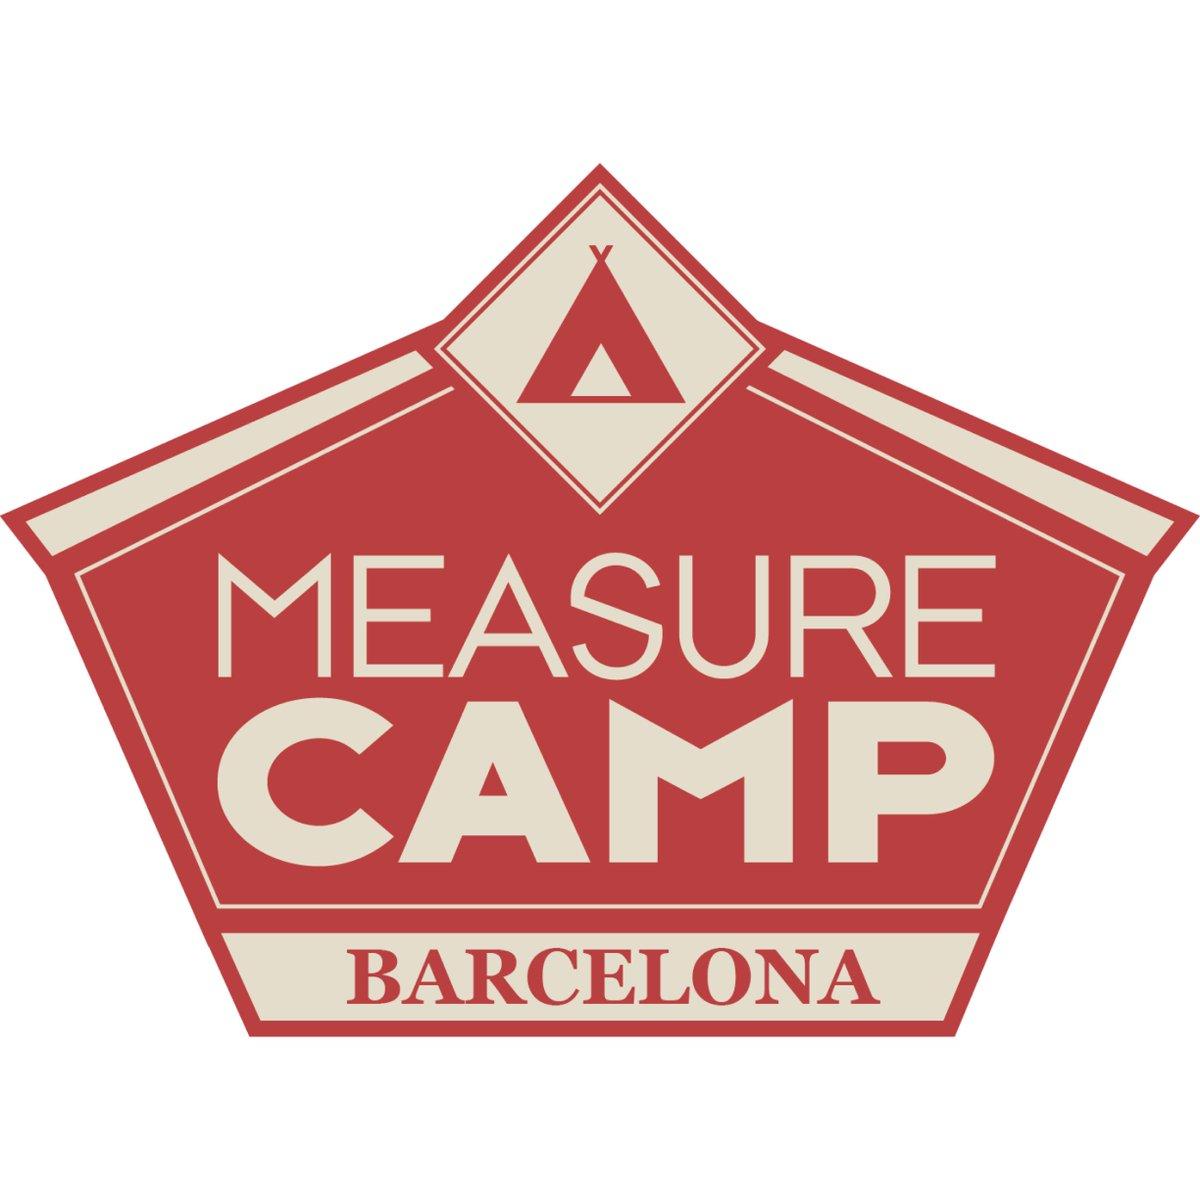 La semana que viene, nueva oportunidad para conseguir una entrada para el #MeasureBcn, atentos/-as a @MeasureCampBcn http://t.co/XVv90H7QmJ